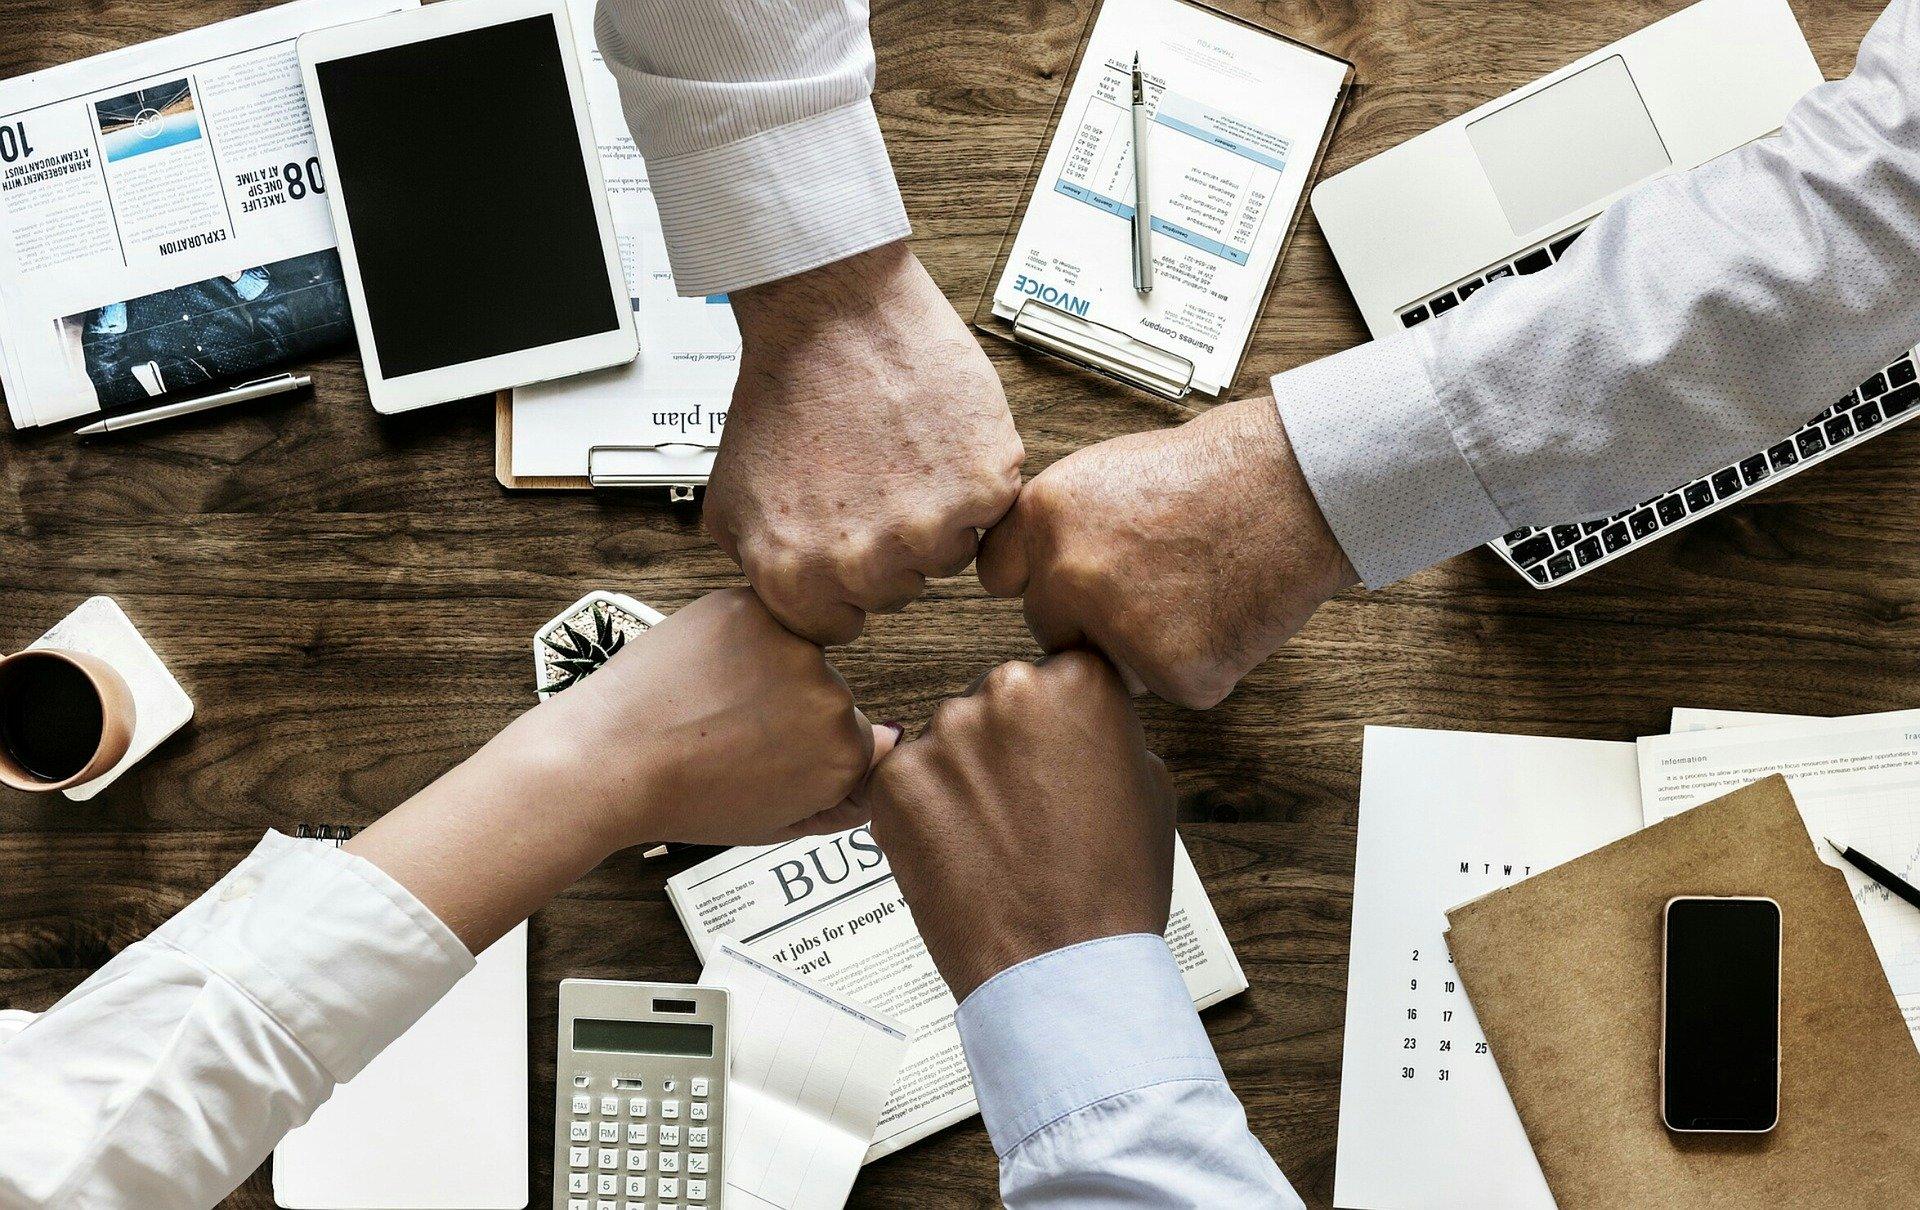 Об'єднання перекладачів для спільного представництва галузевих інтересів